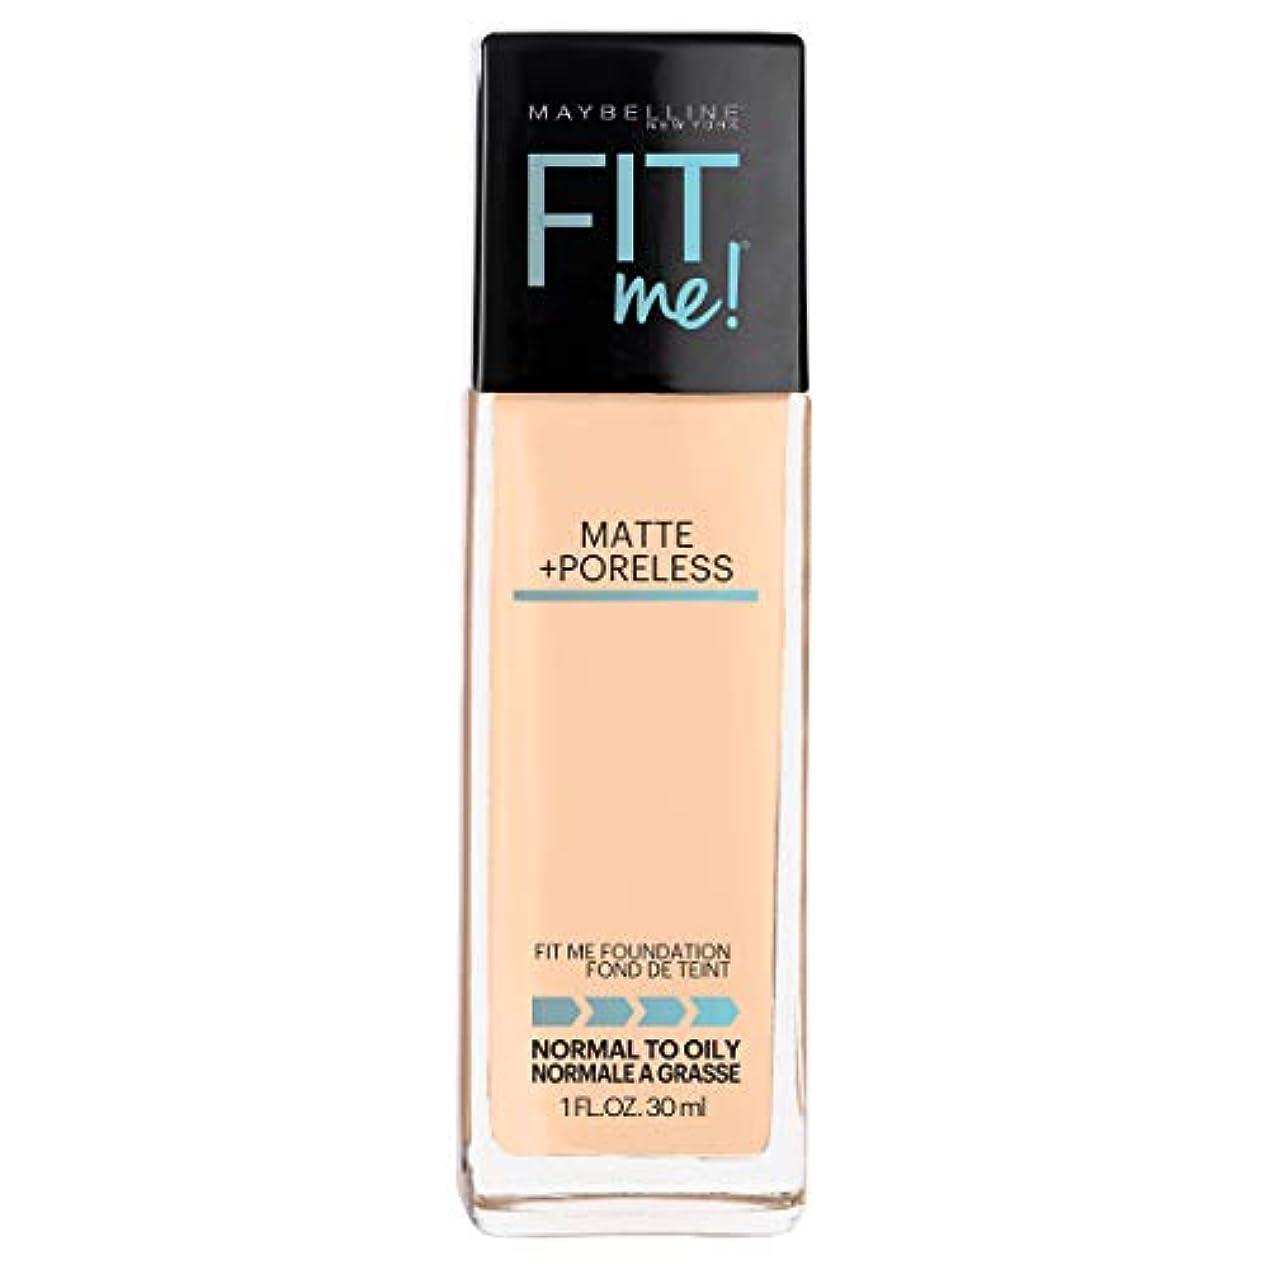 砂利行進MAYBELLINE Fit Me! Matte + Poreless Foundation - Warm Nude 128 (並行輸入品)